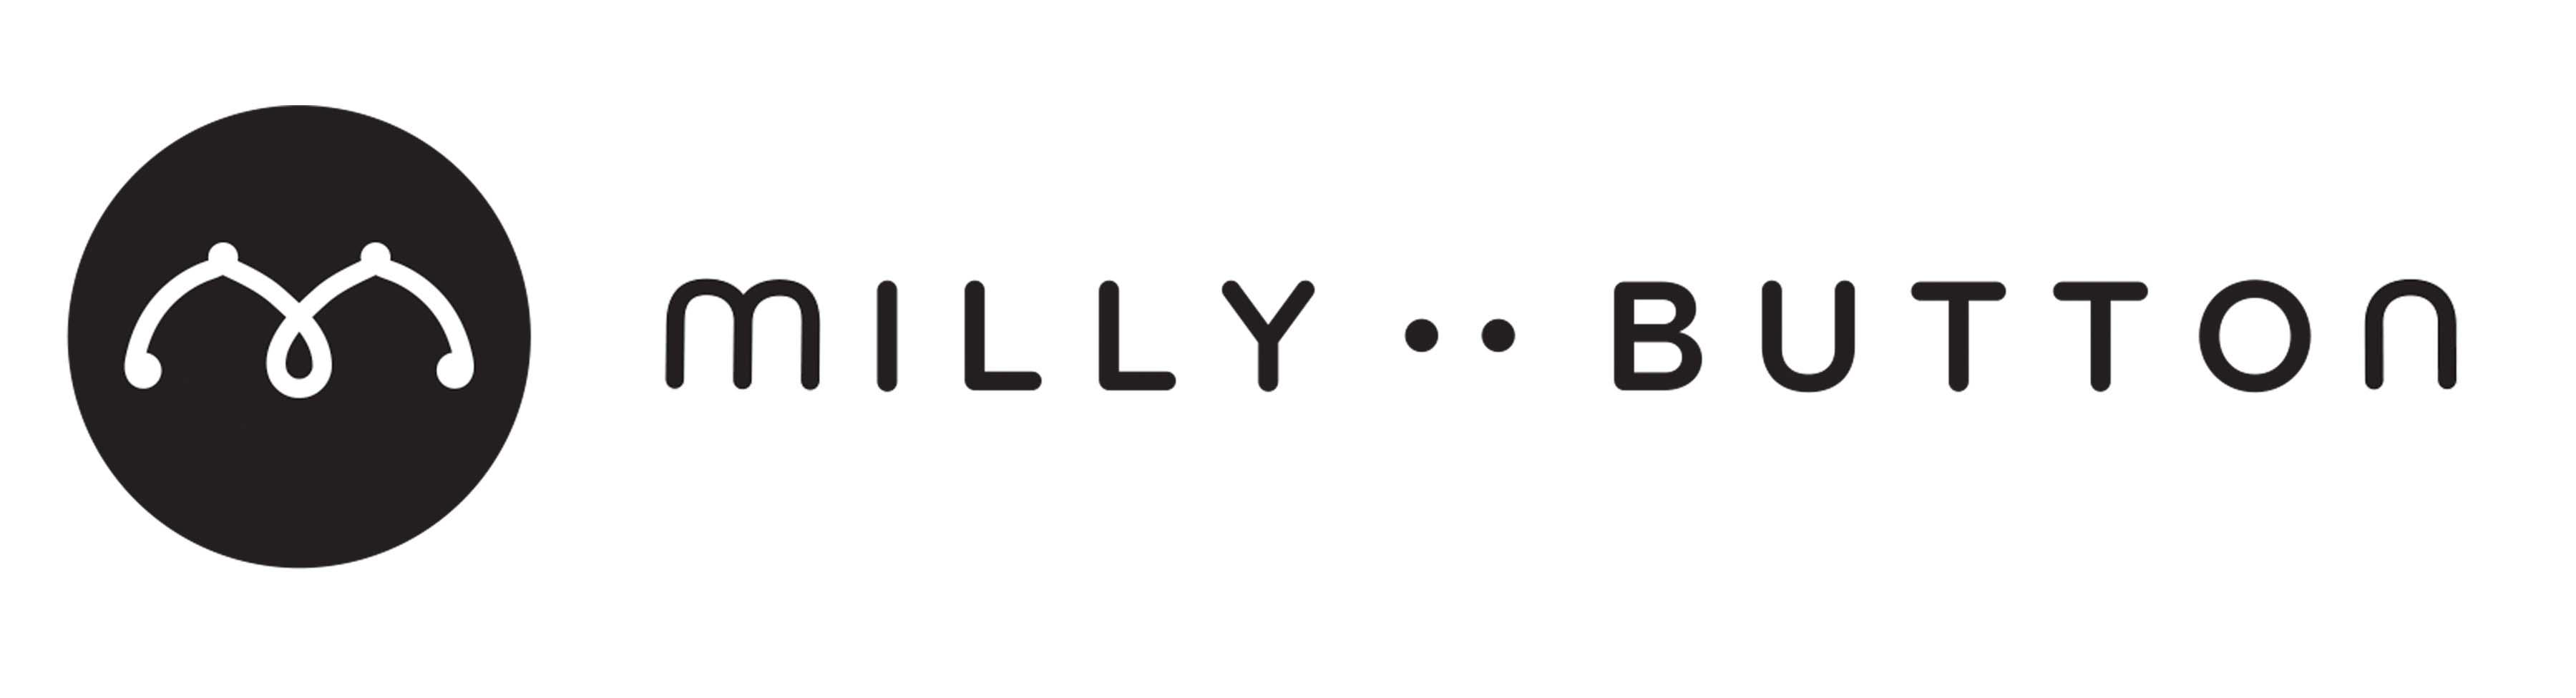 millybutton logo